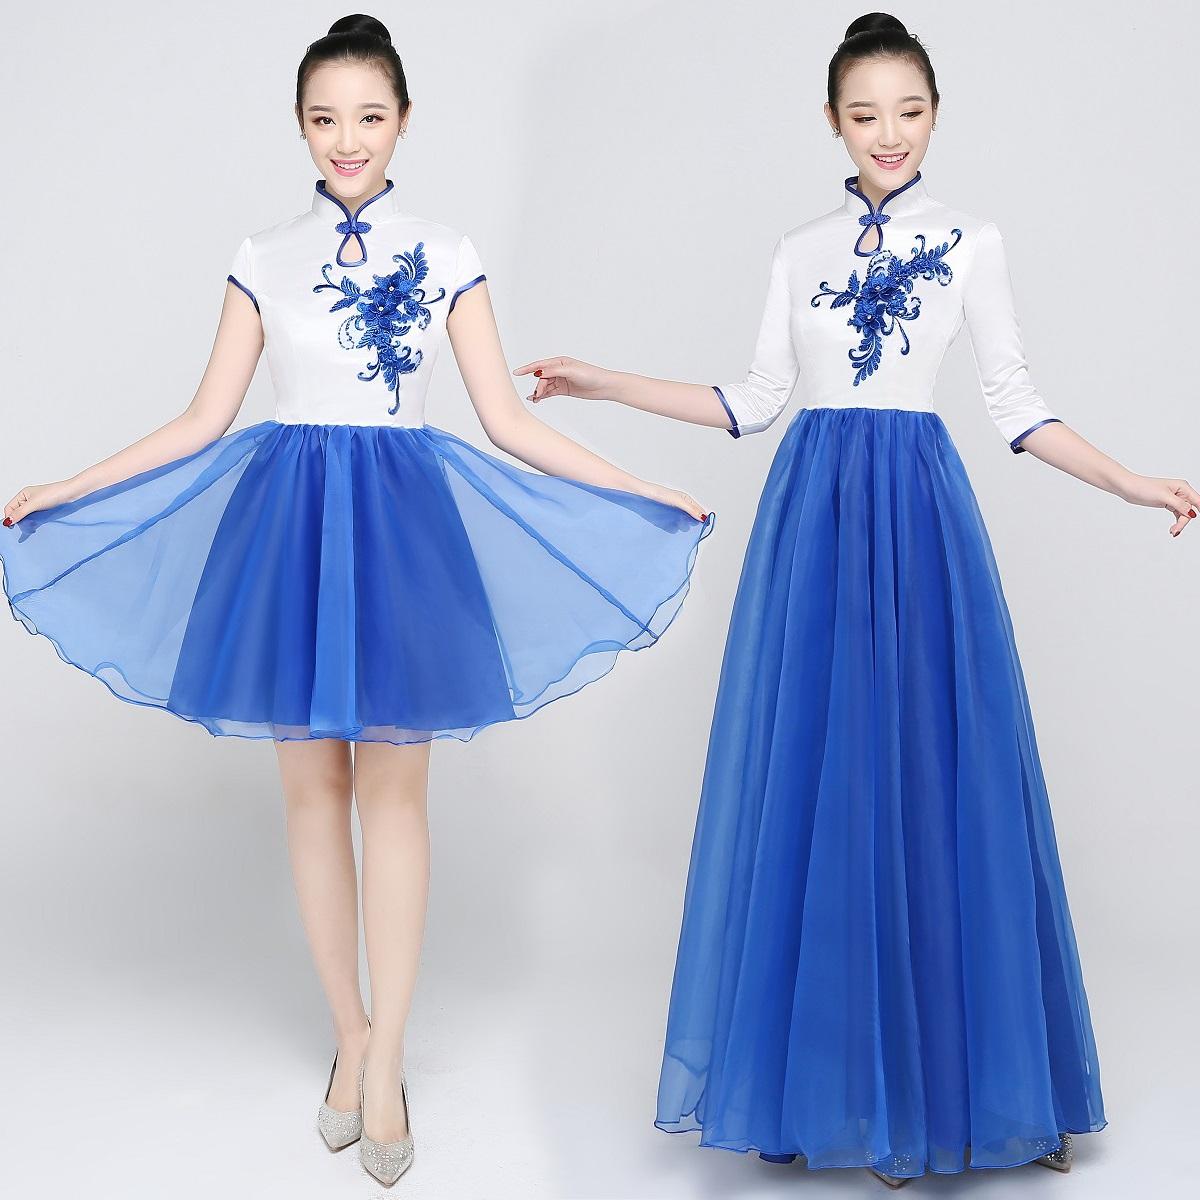 新款青花瓷大合唱演出服合唱团礼服女长裙合唱服独唱主持舞蹈服装图片